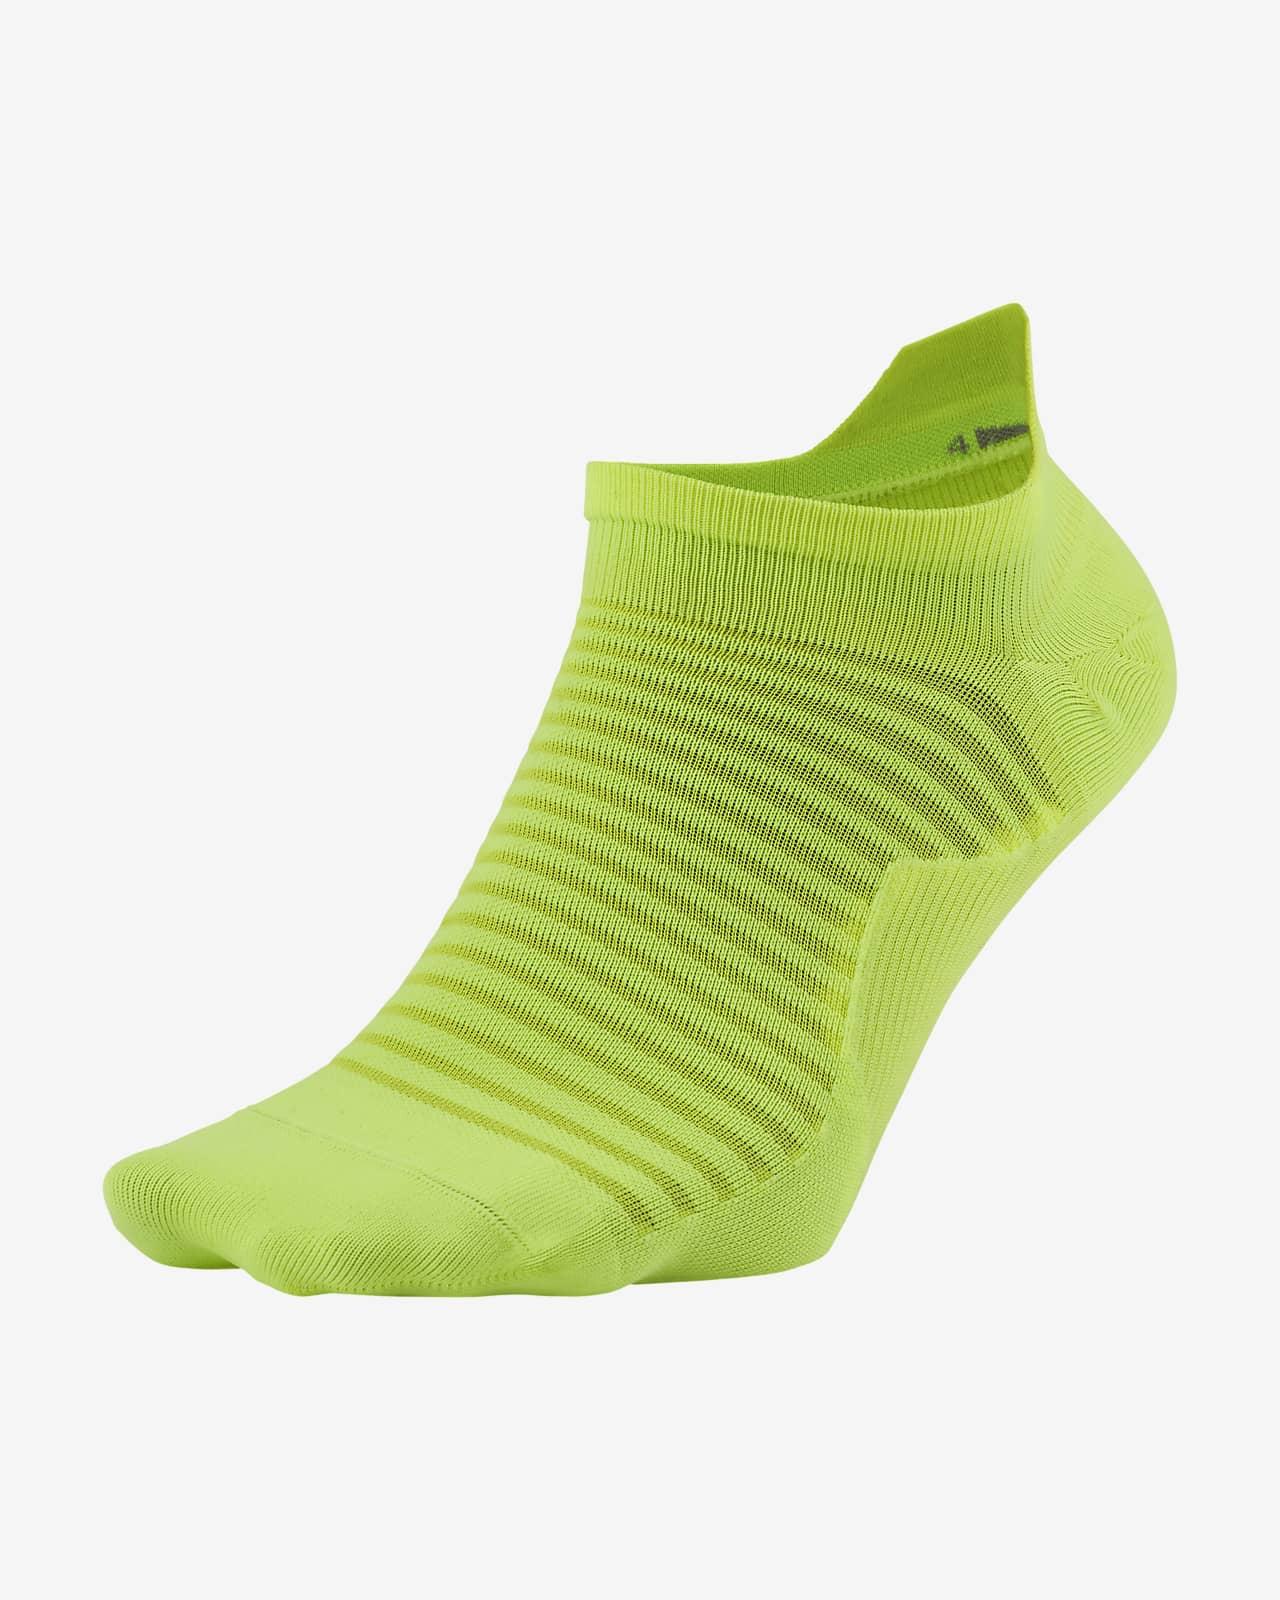 Χαμηλές κάλτσες για τρέξιμο Nike Spark Lightweight